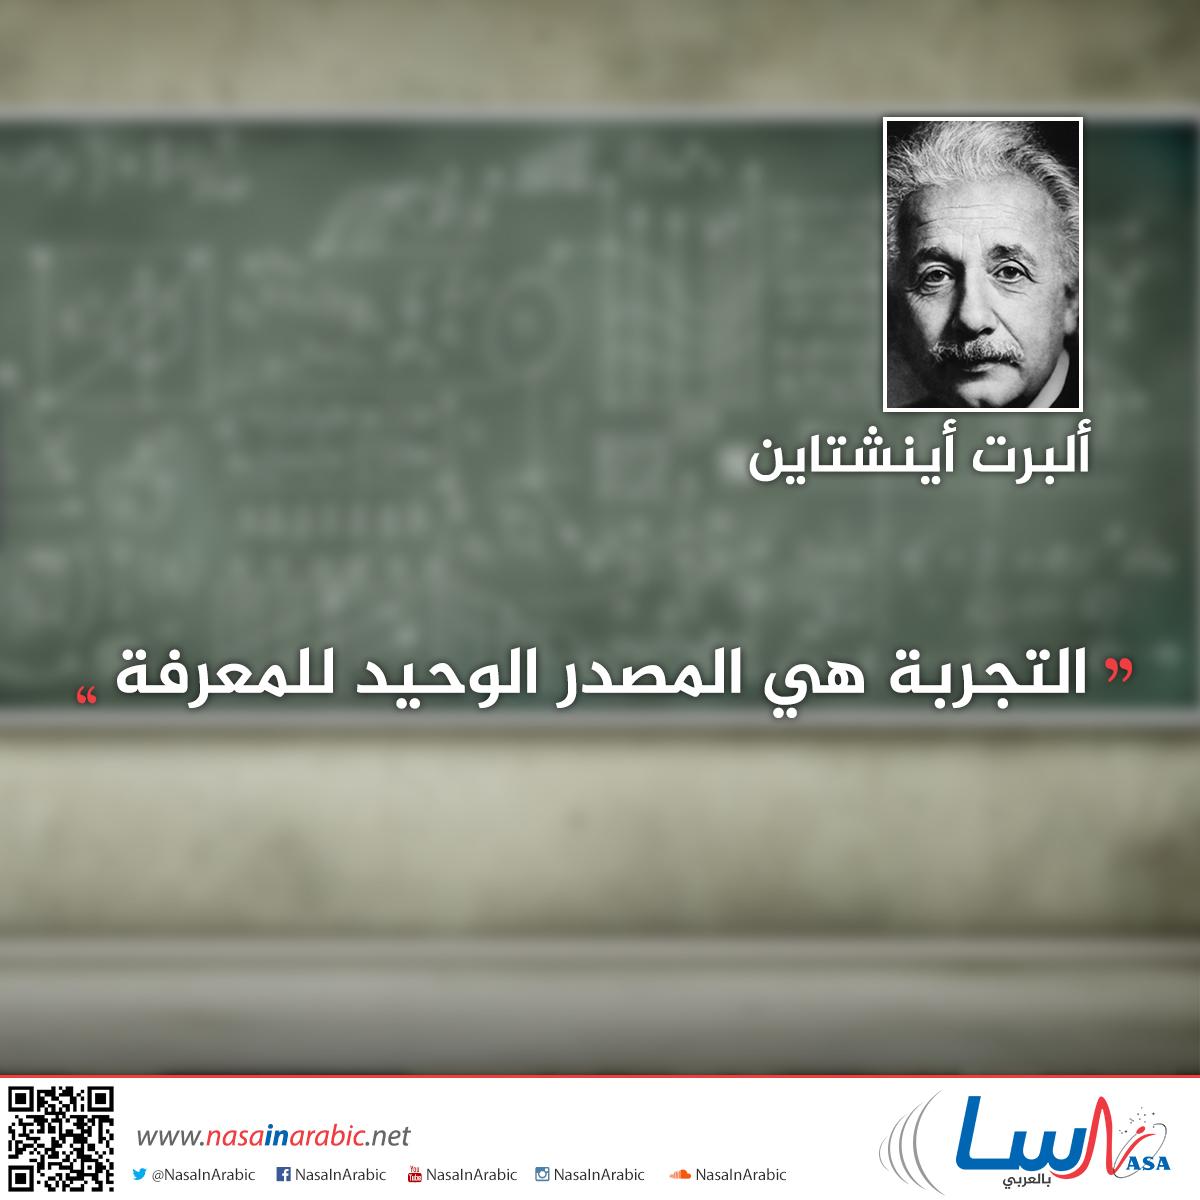 التجربة هي المصدر الوحيد للمعرفة